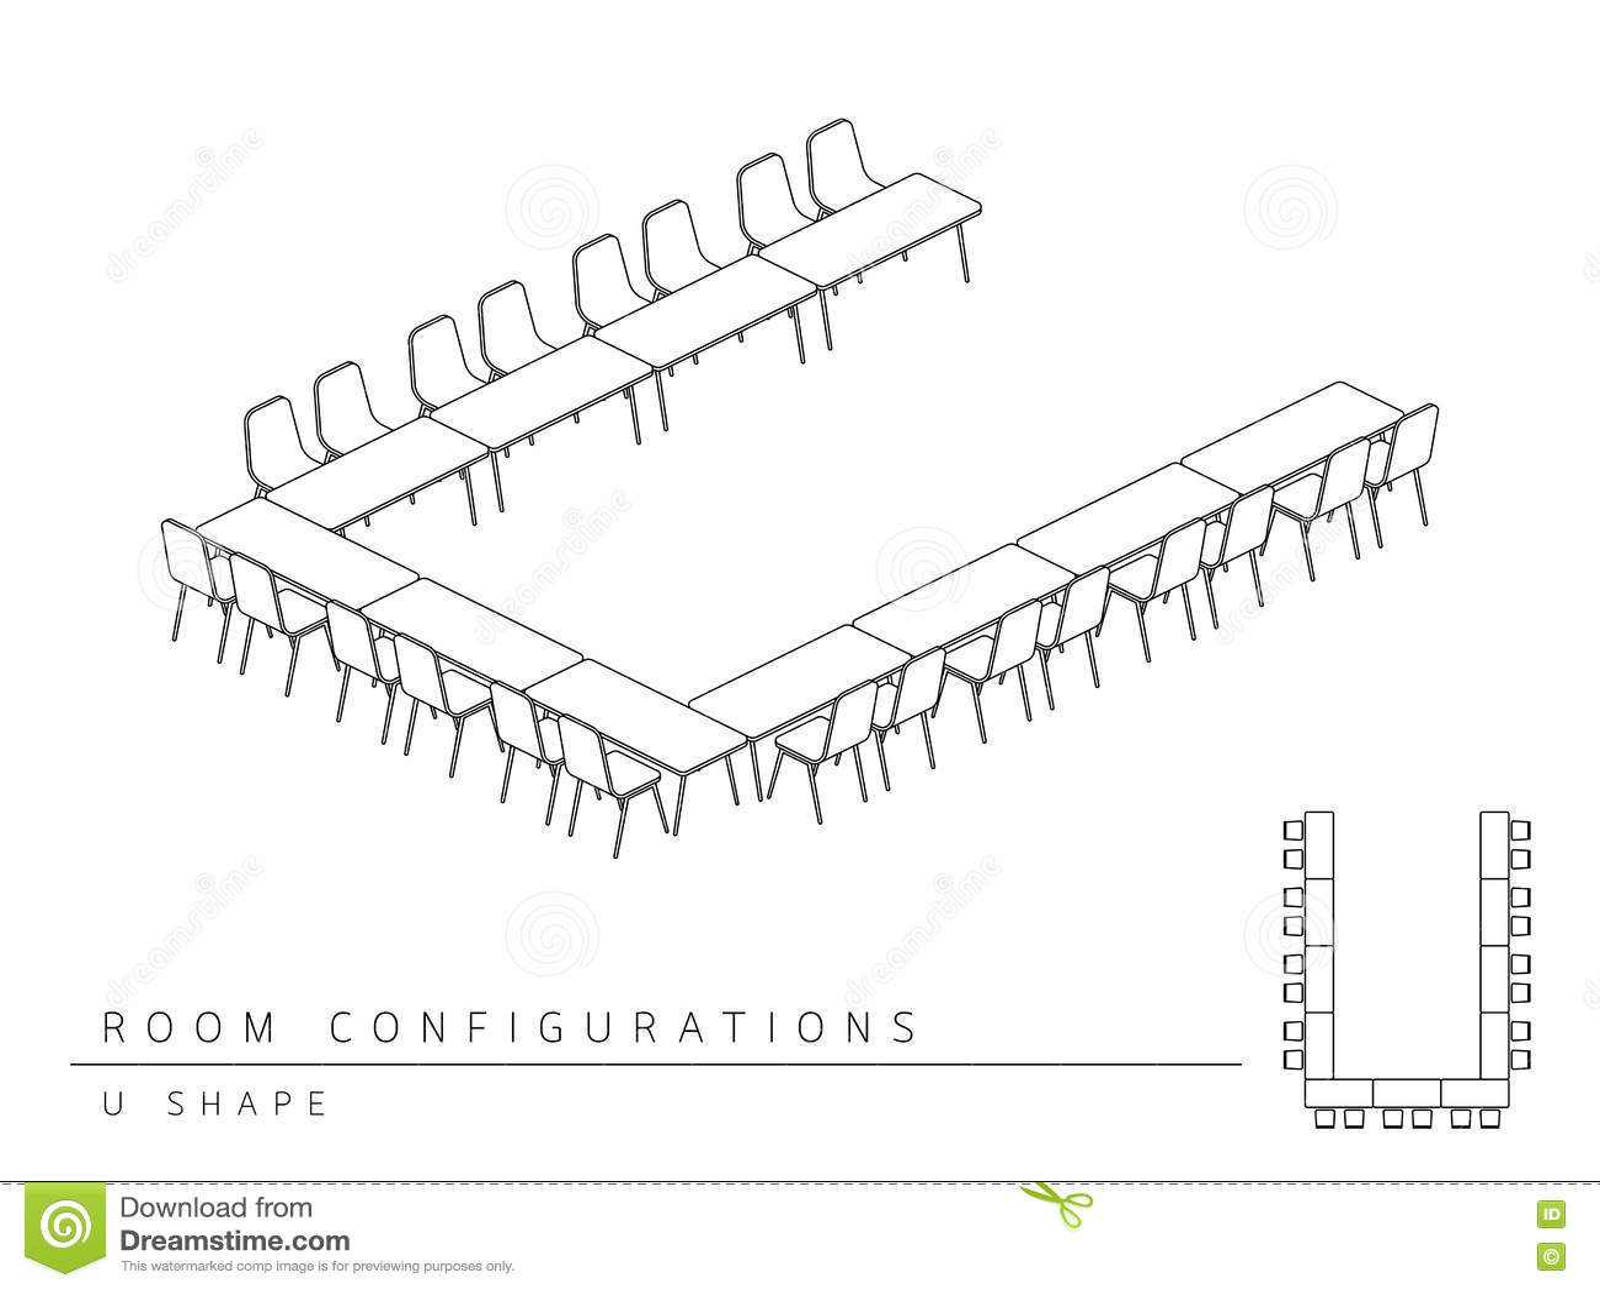 Estilo Da Forma Da Configuracao U Da Disposicao Da Instalacao Da Sala De Reuniao Ilustracao Do